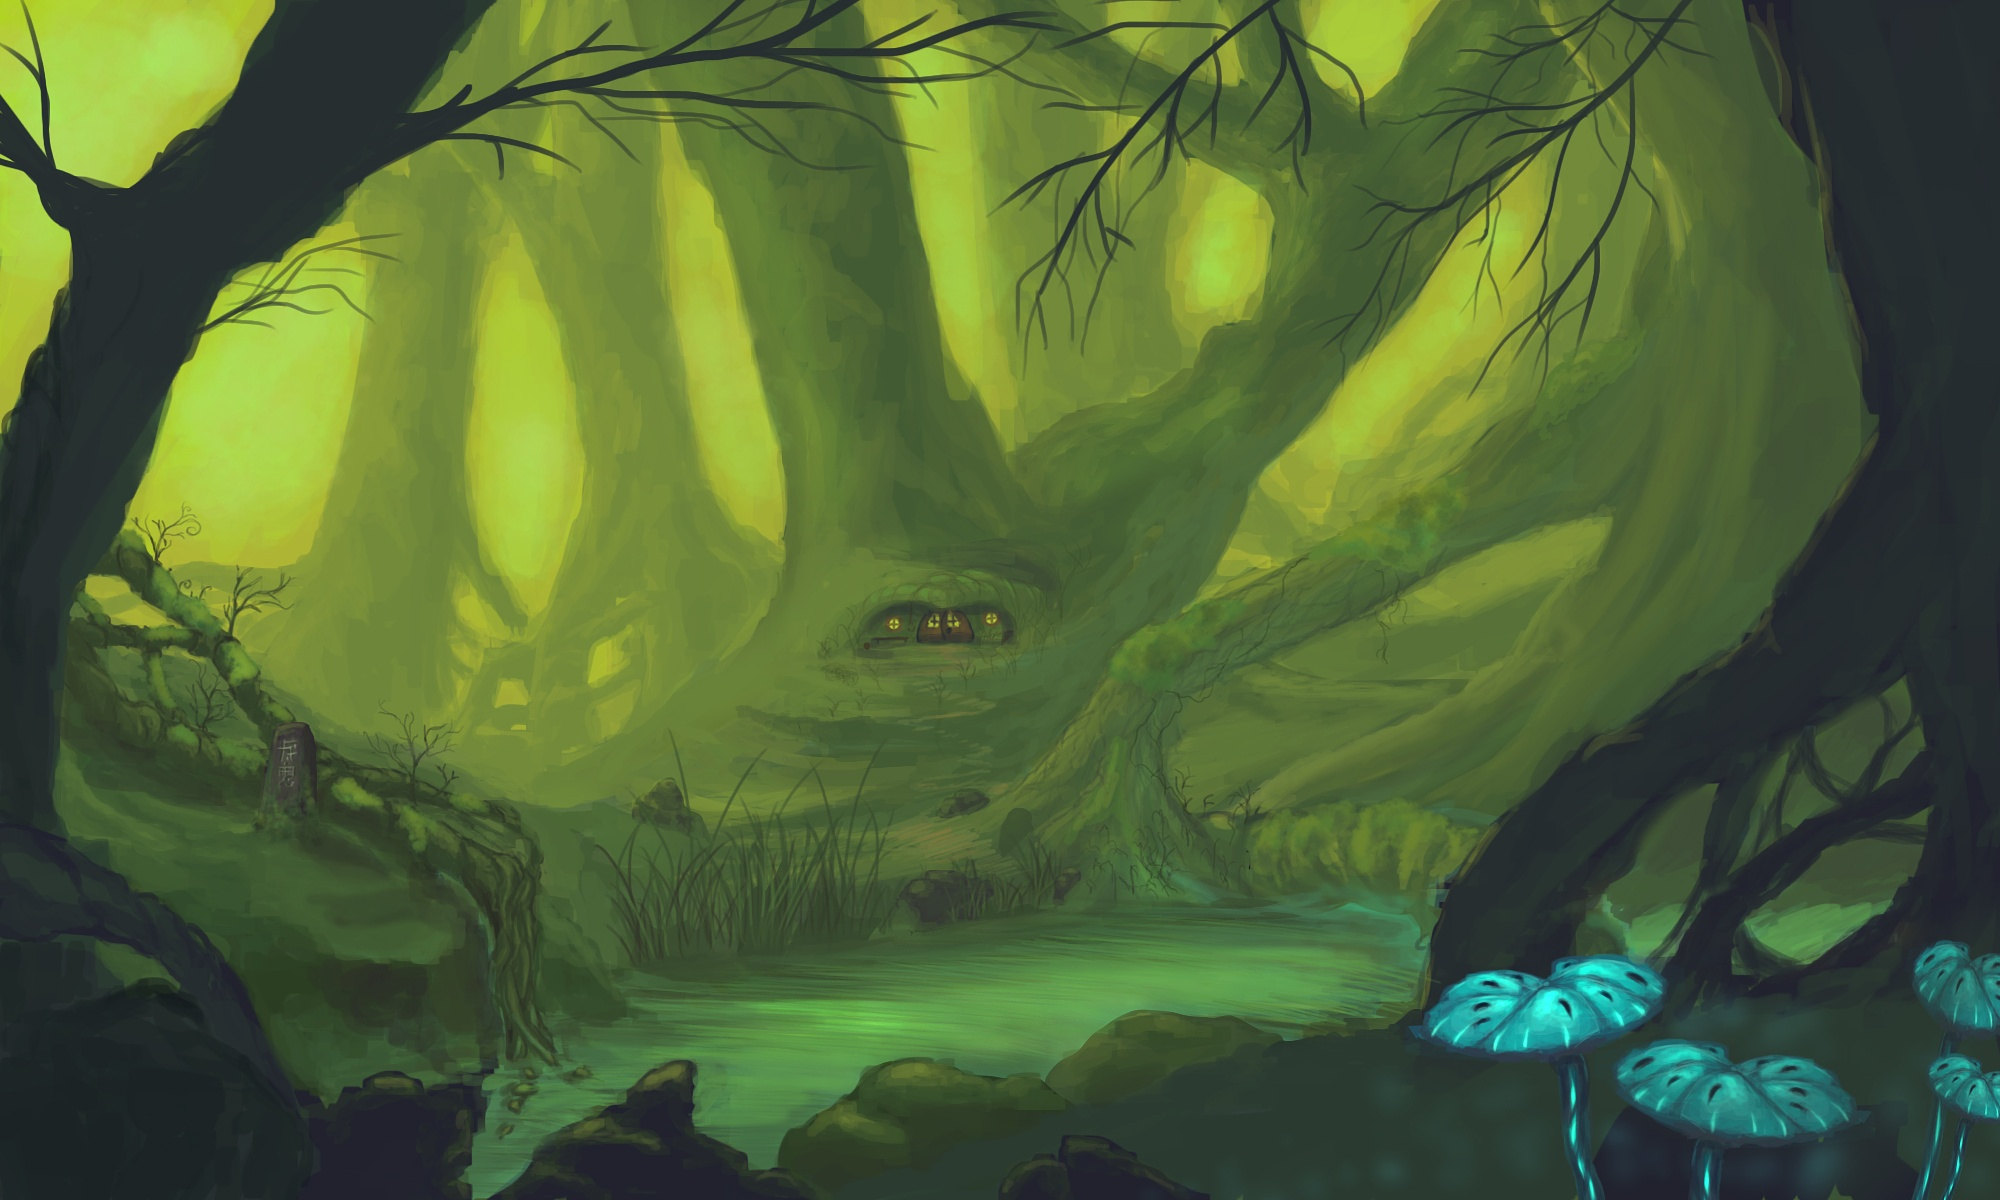 Forest of Dwarves